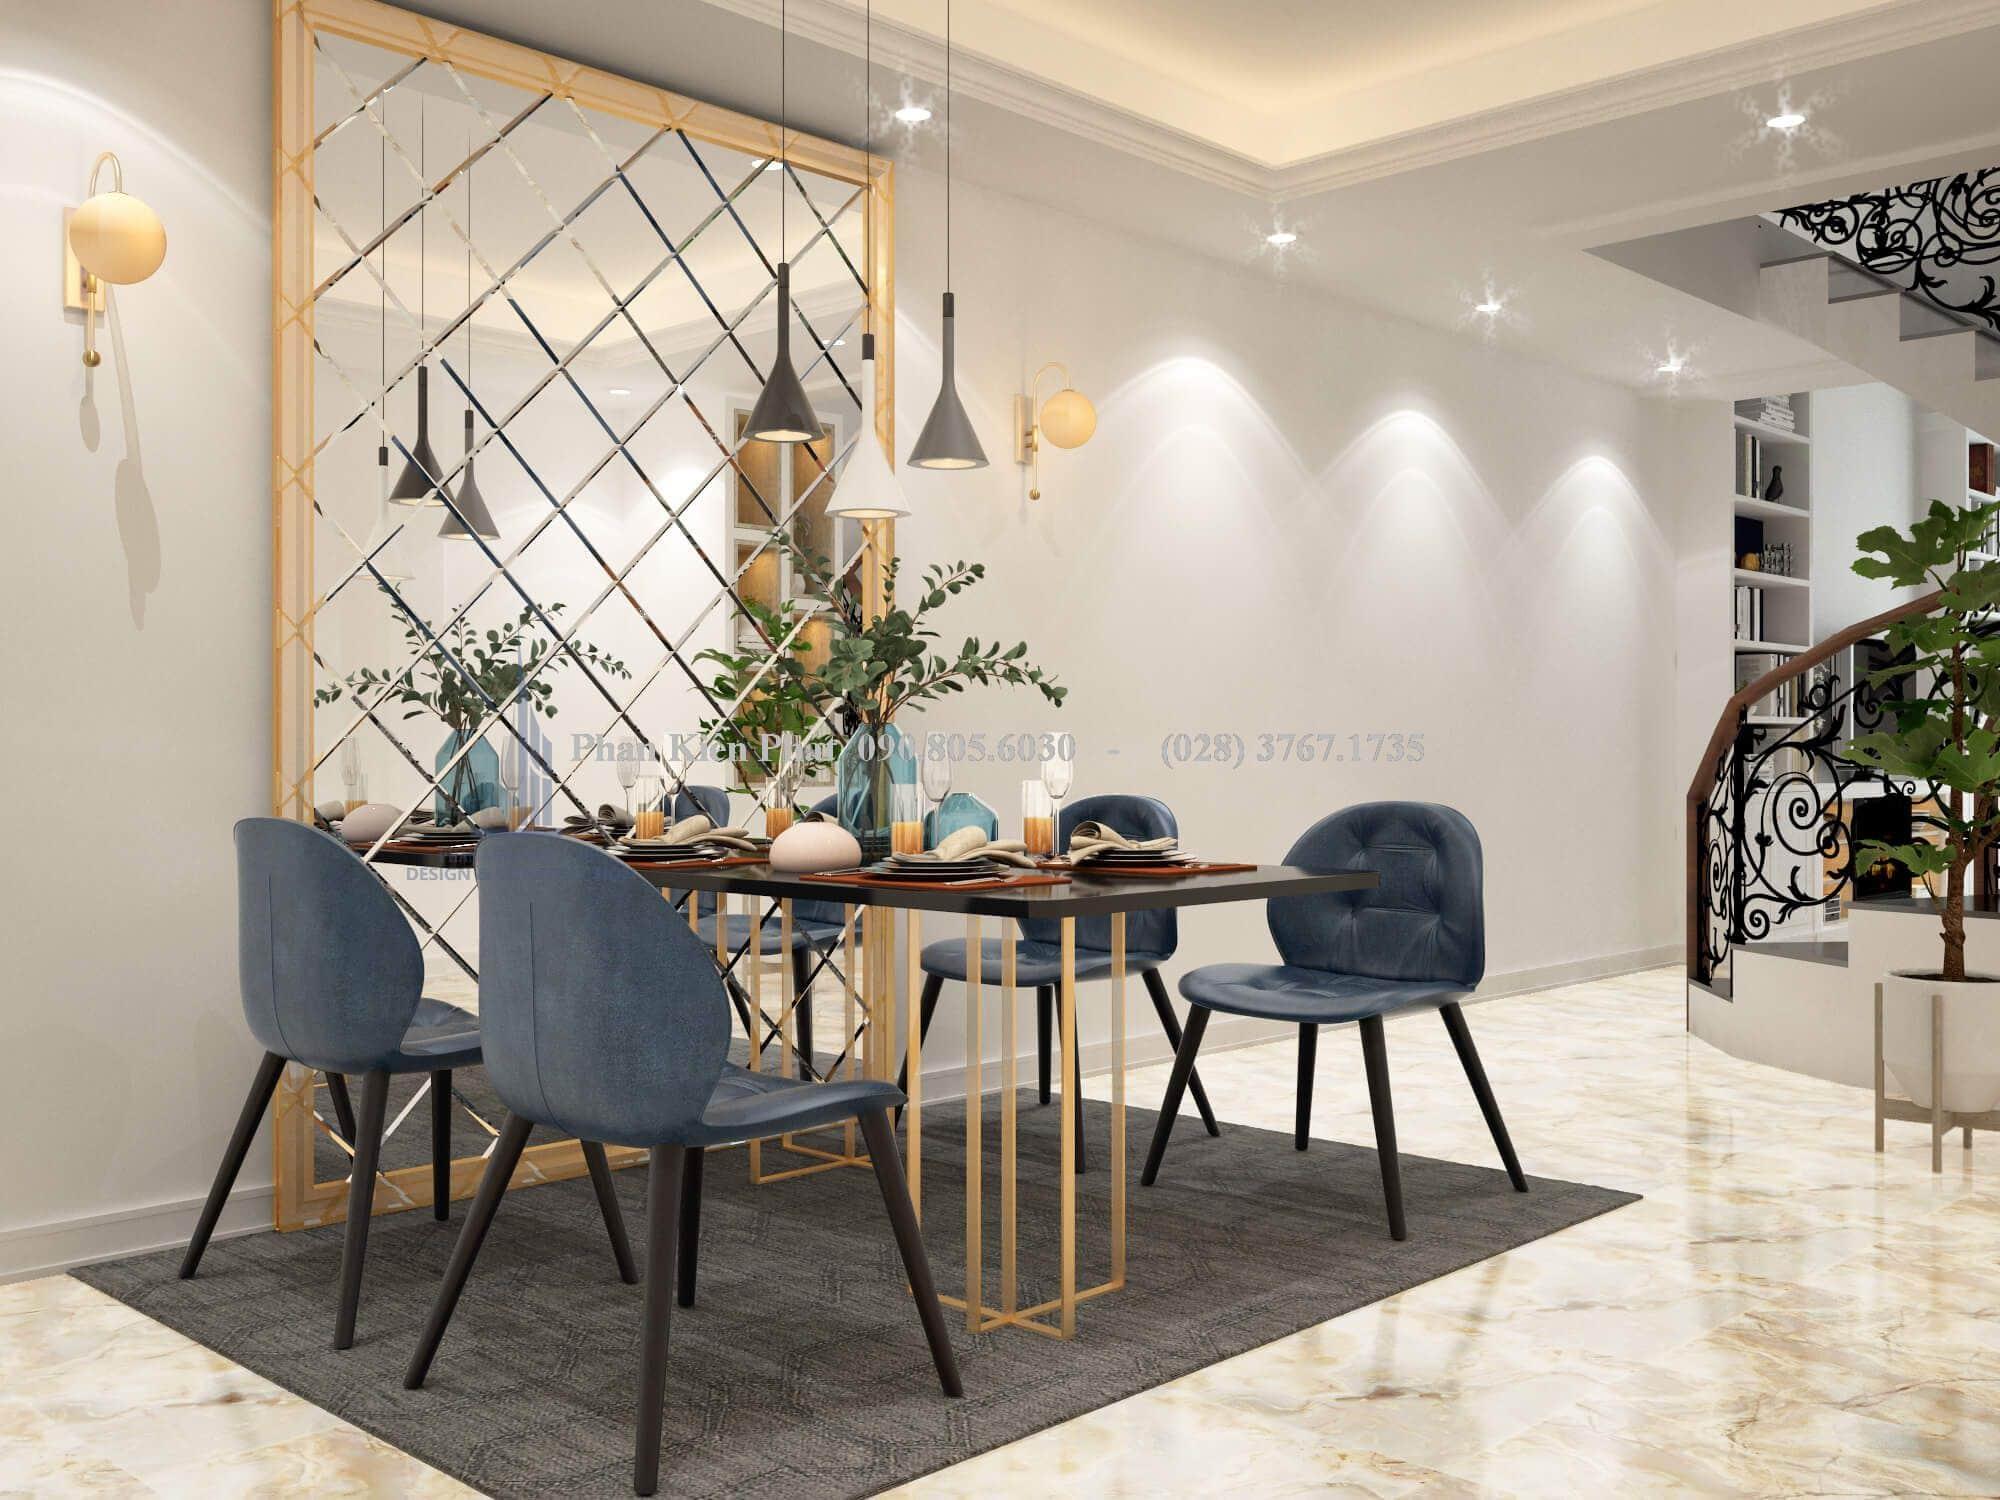 Phòng ăn sử dụng gương ghép ô dán tường trang trí